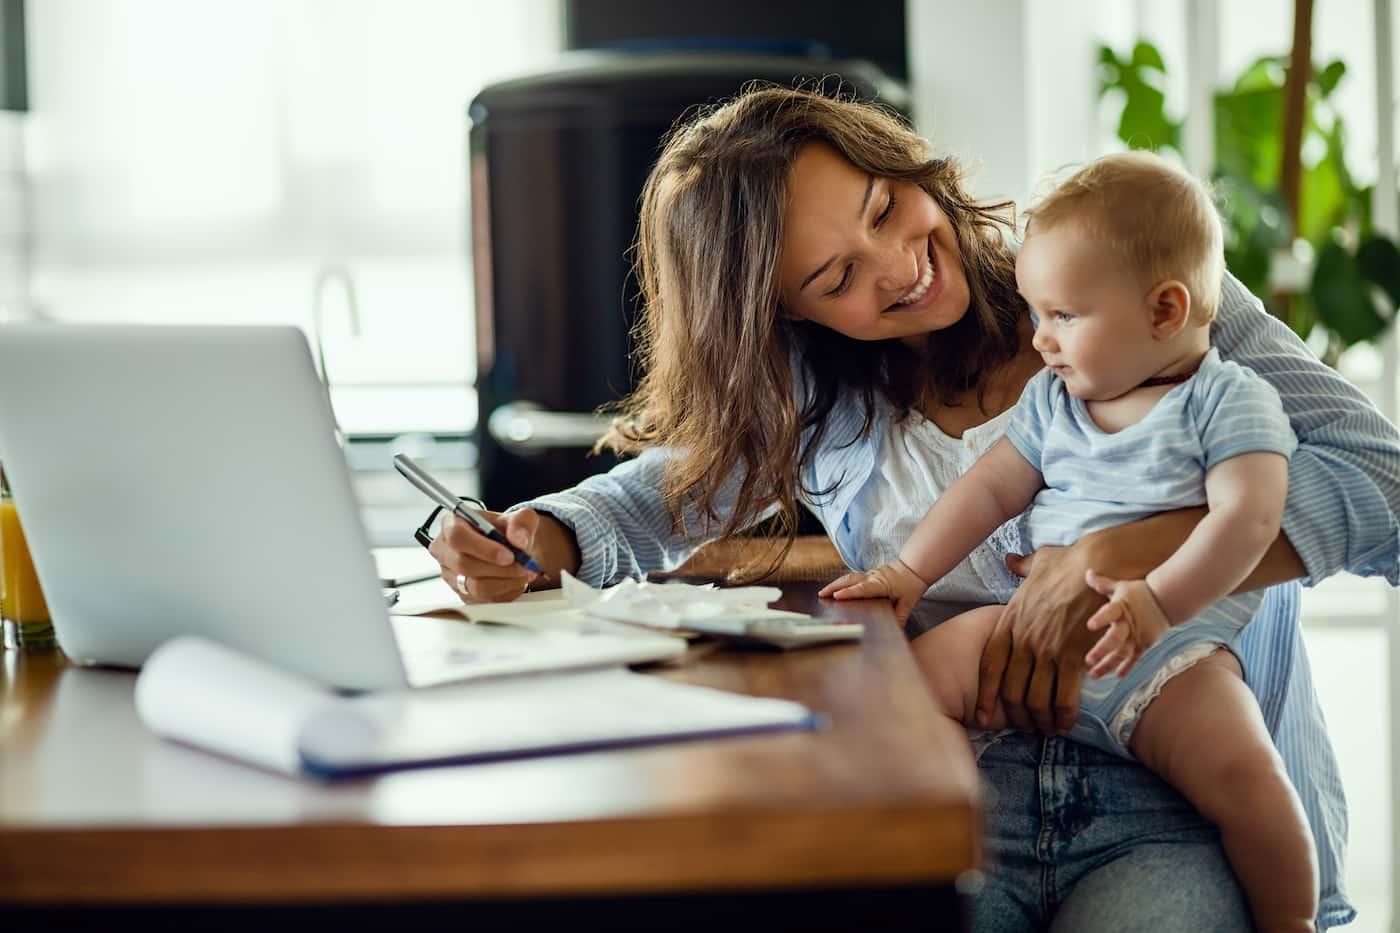 Εργαζόµενη μητέρα – πρακτικές λύσεις και συµβουλές